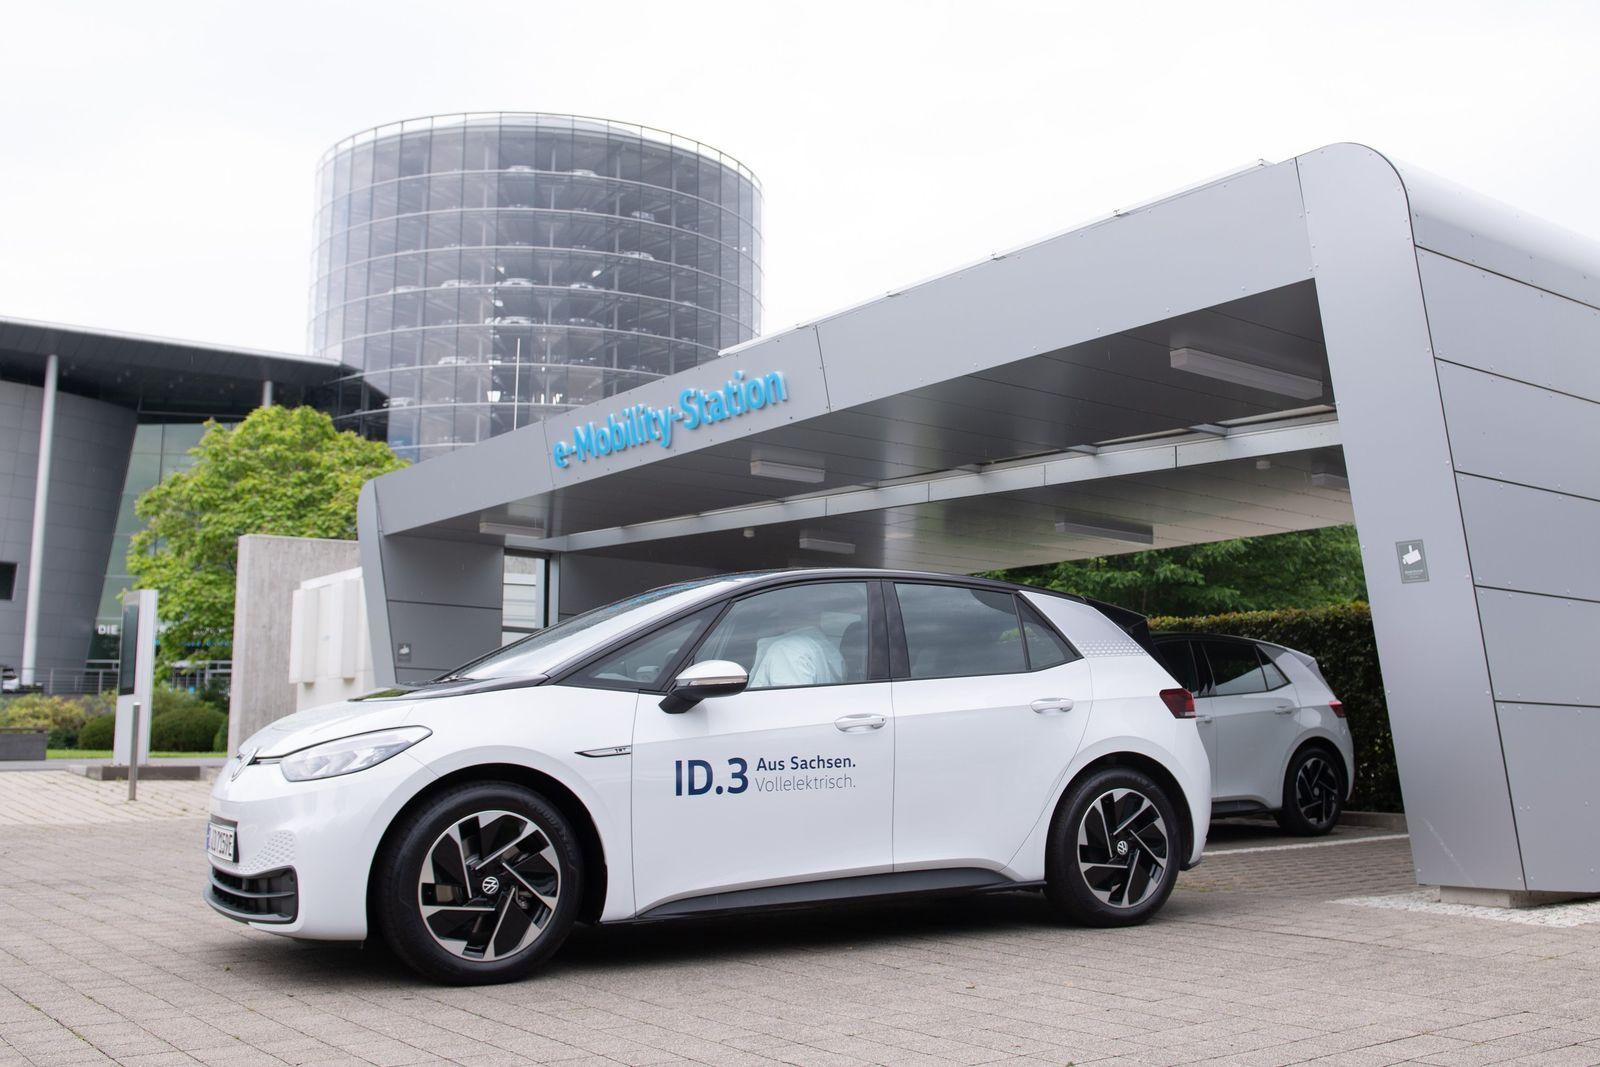 VW startet Auslieferung des ID.3